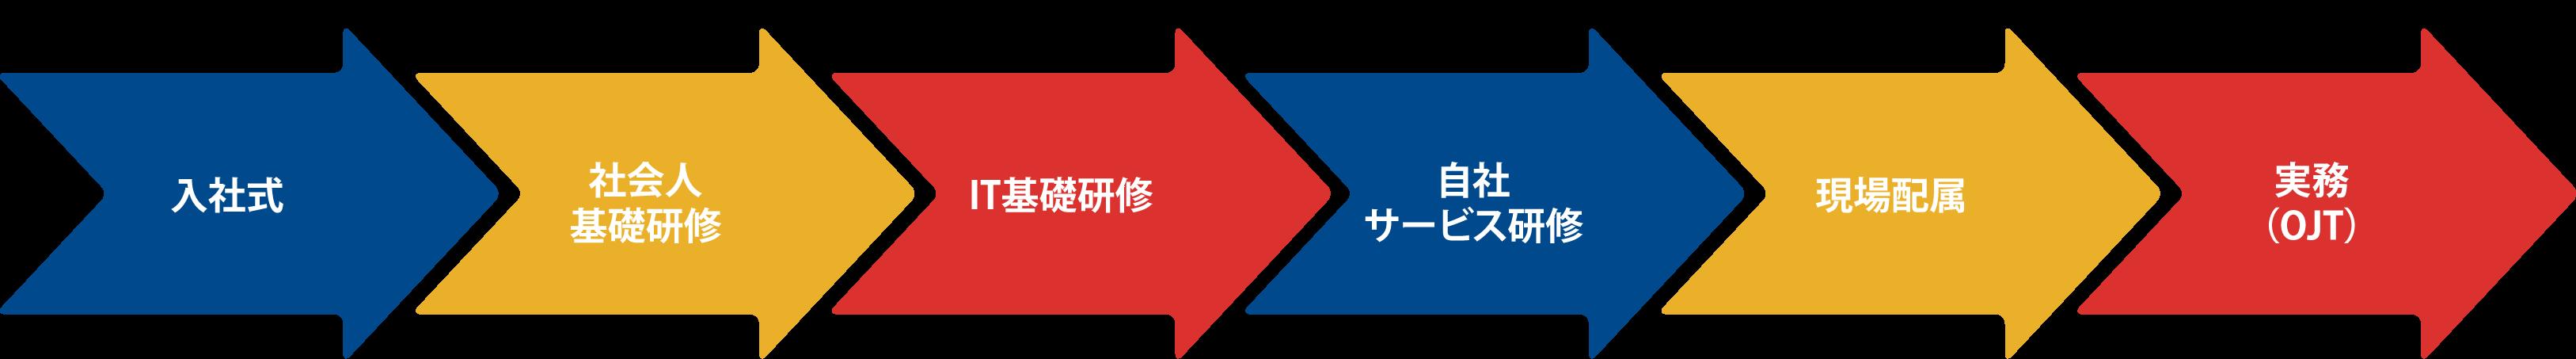 career_flow